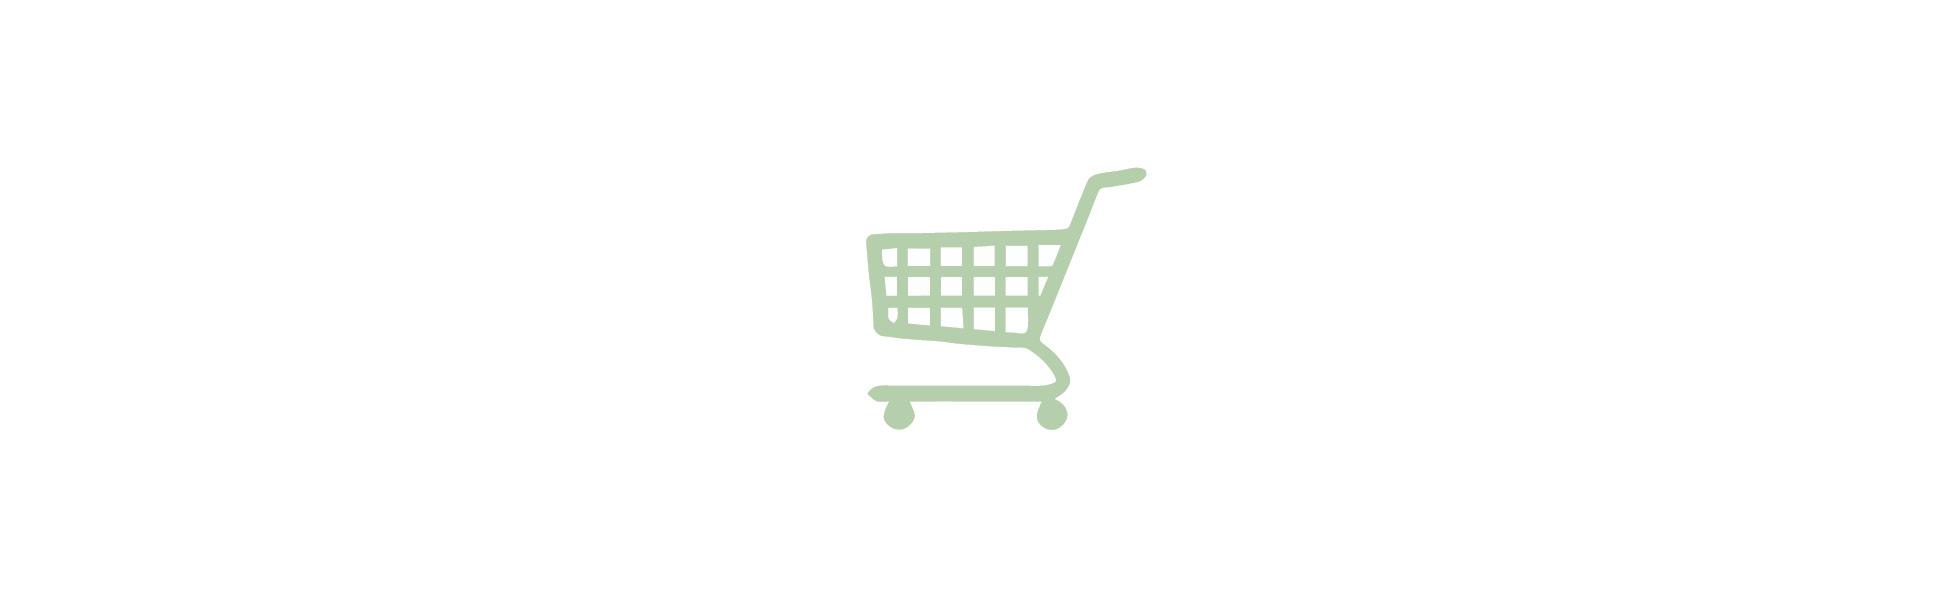 cart wide.jpg